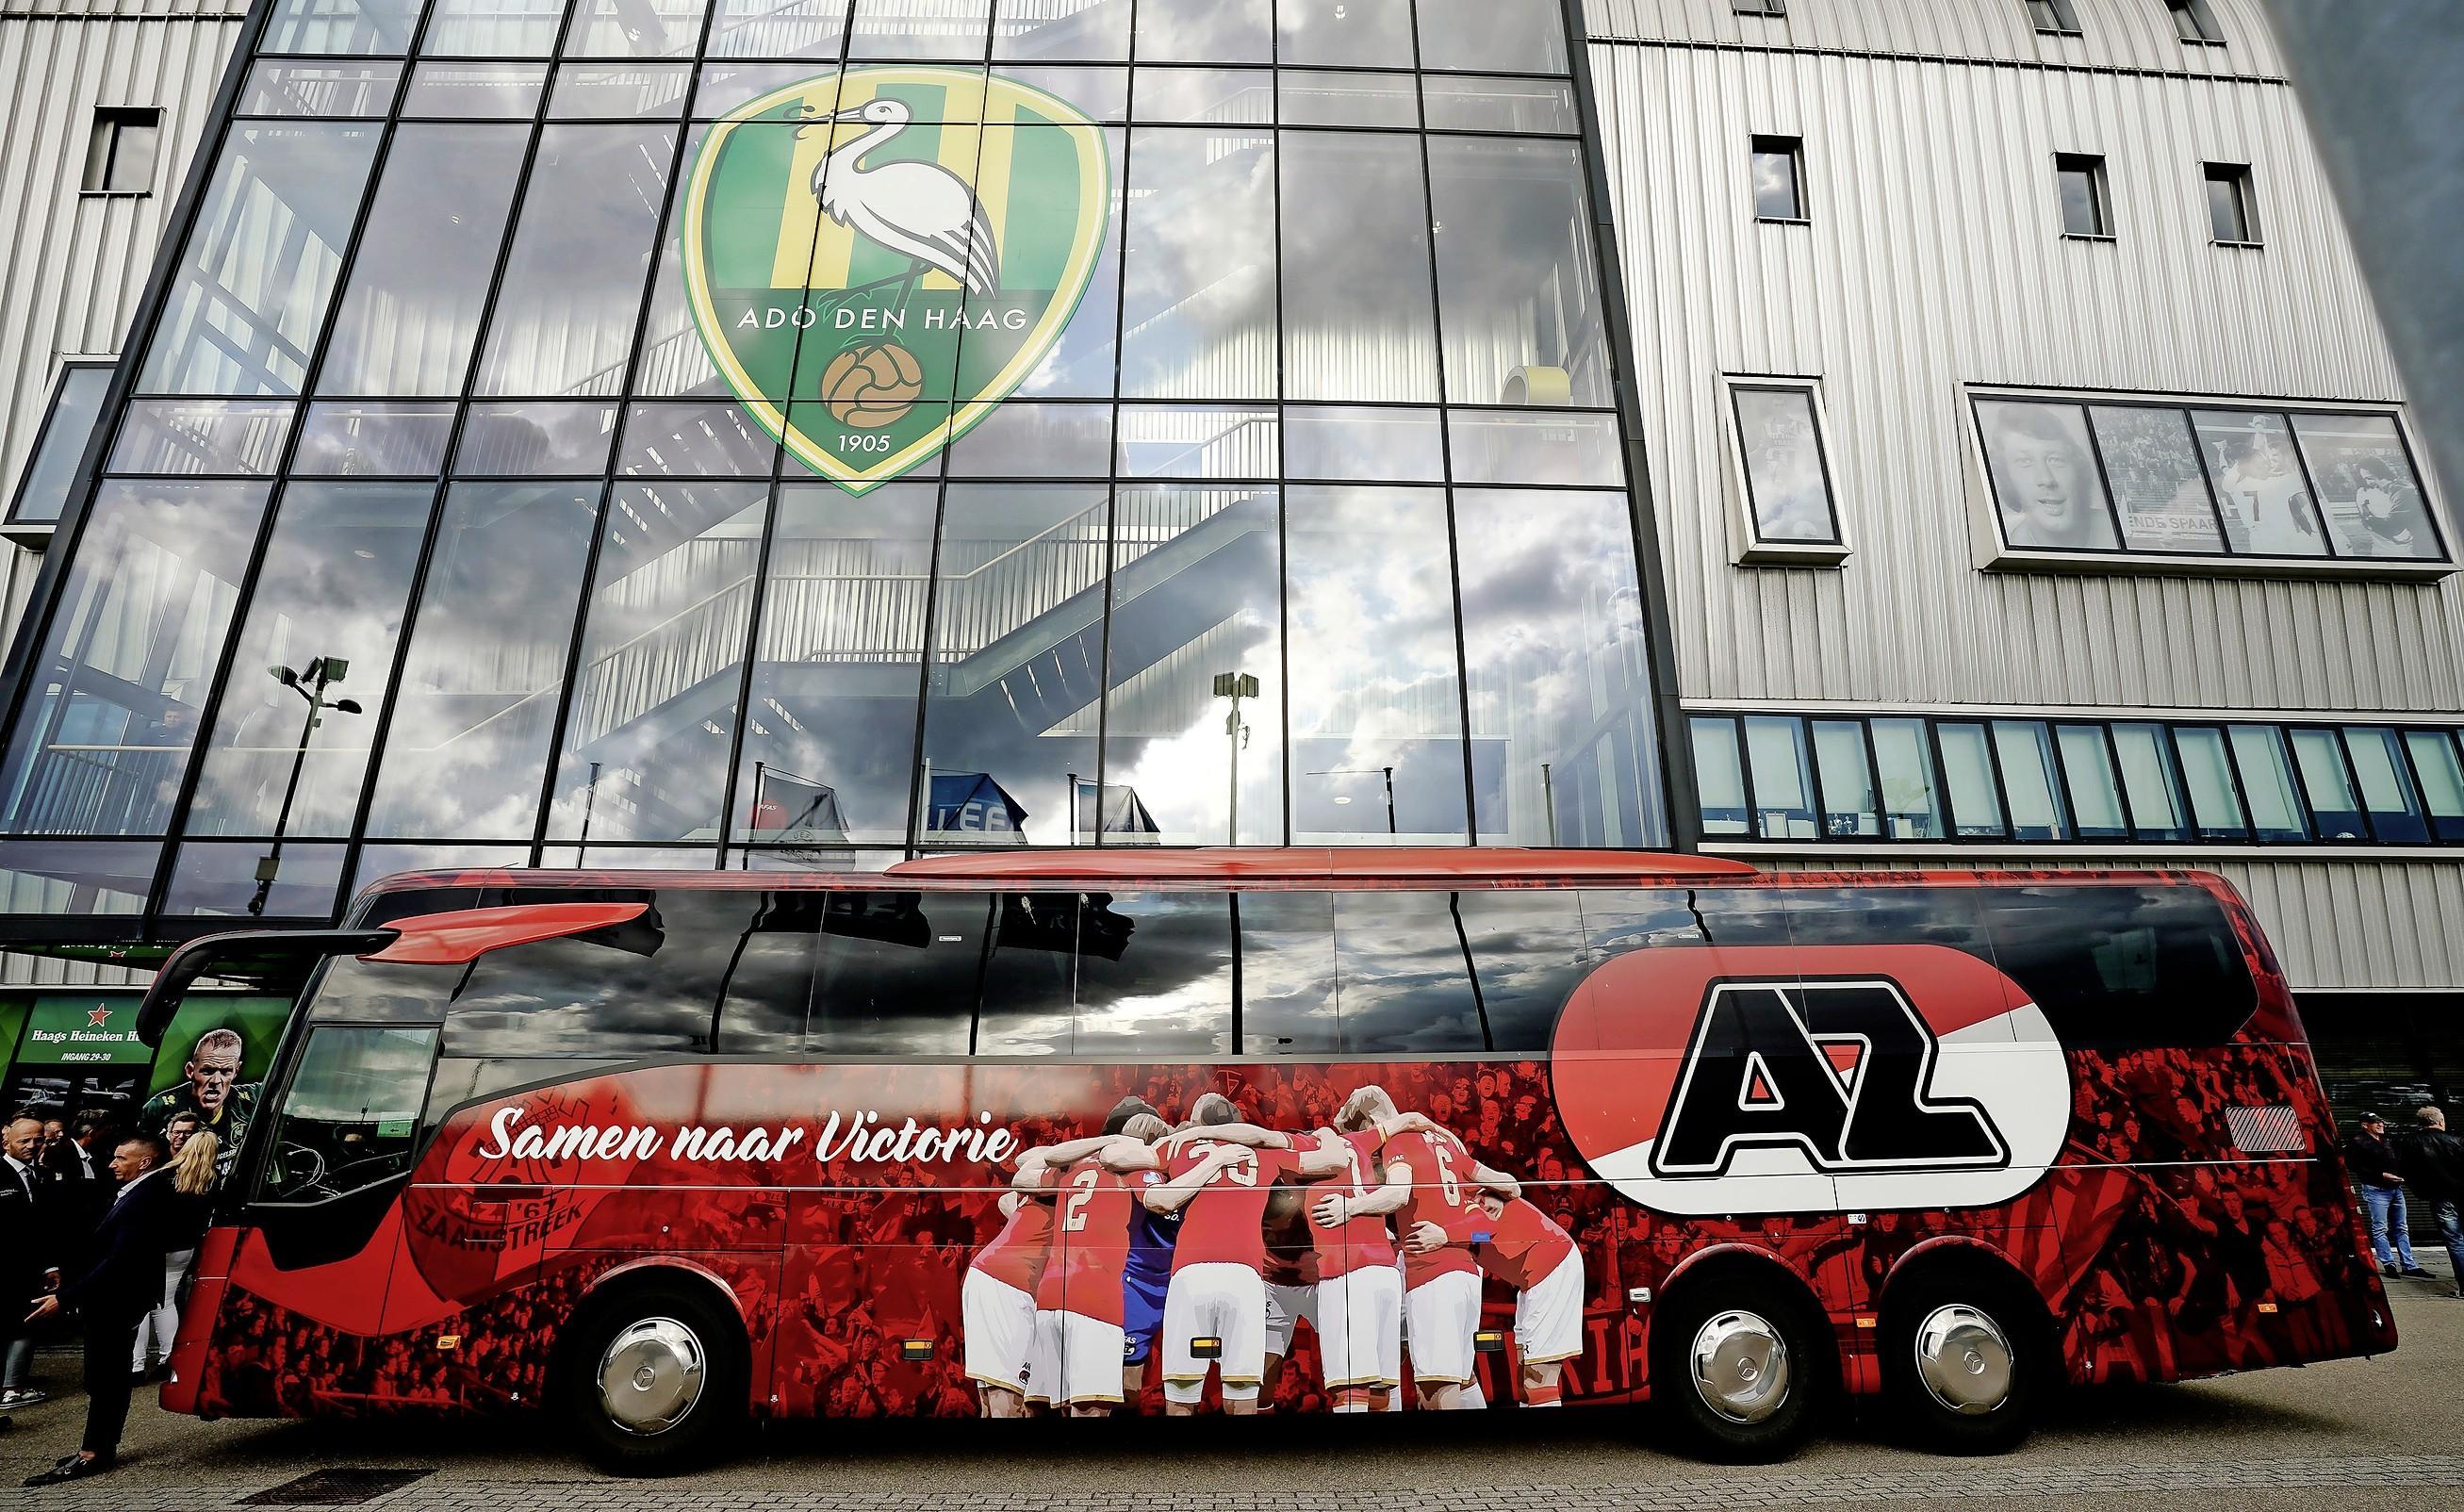 AZ-spelers kunnen tweede helft van Utrecht-AZ in de bus kijken